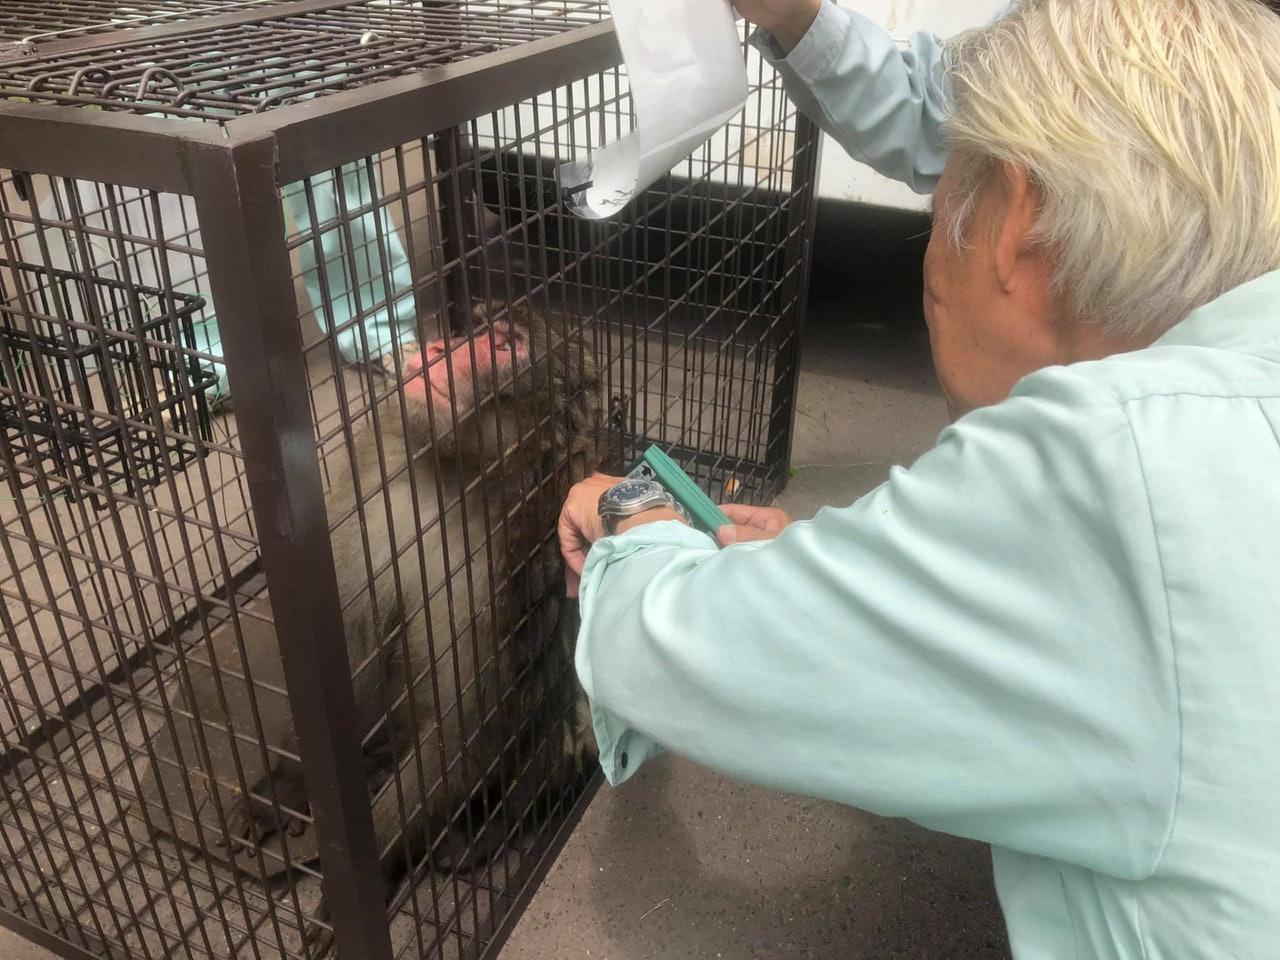 京都「野豬騎士」獼猴不見10天 終於尋回後「表情像在反省」超無辜 - 爆新聞